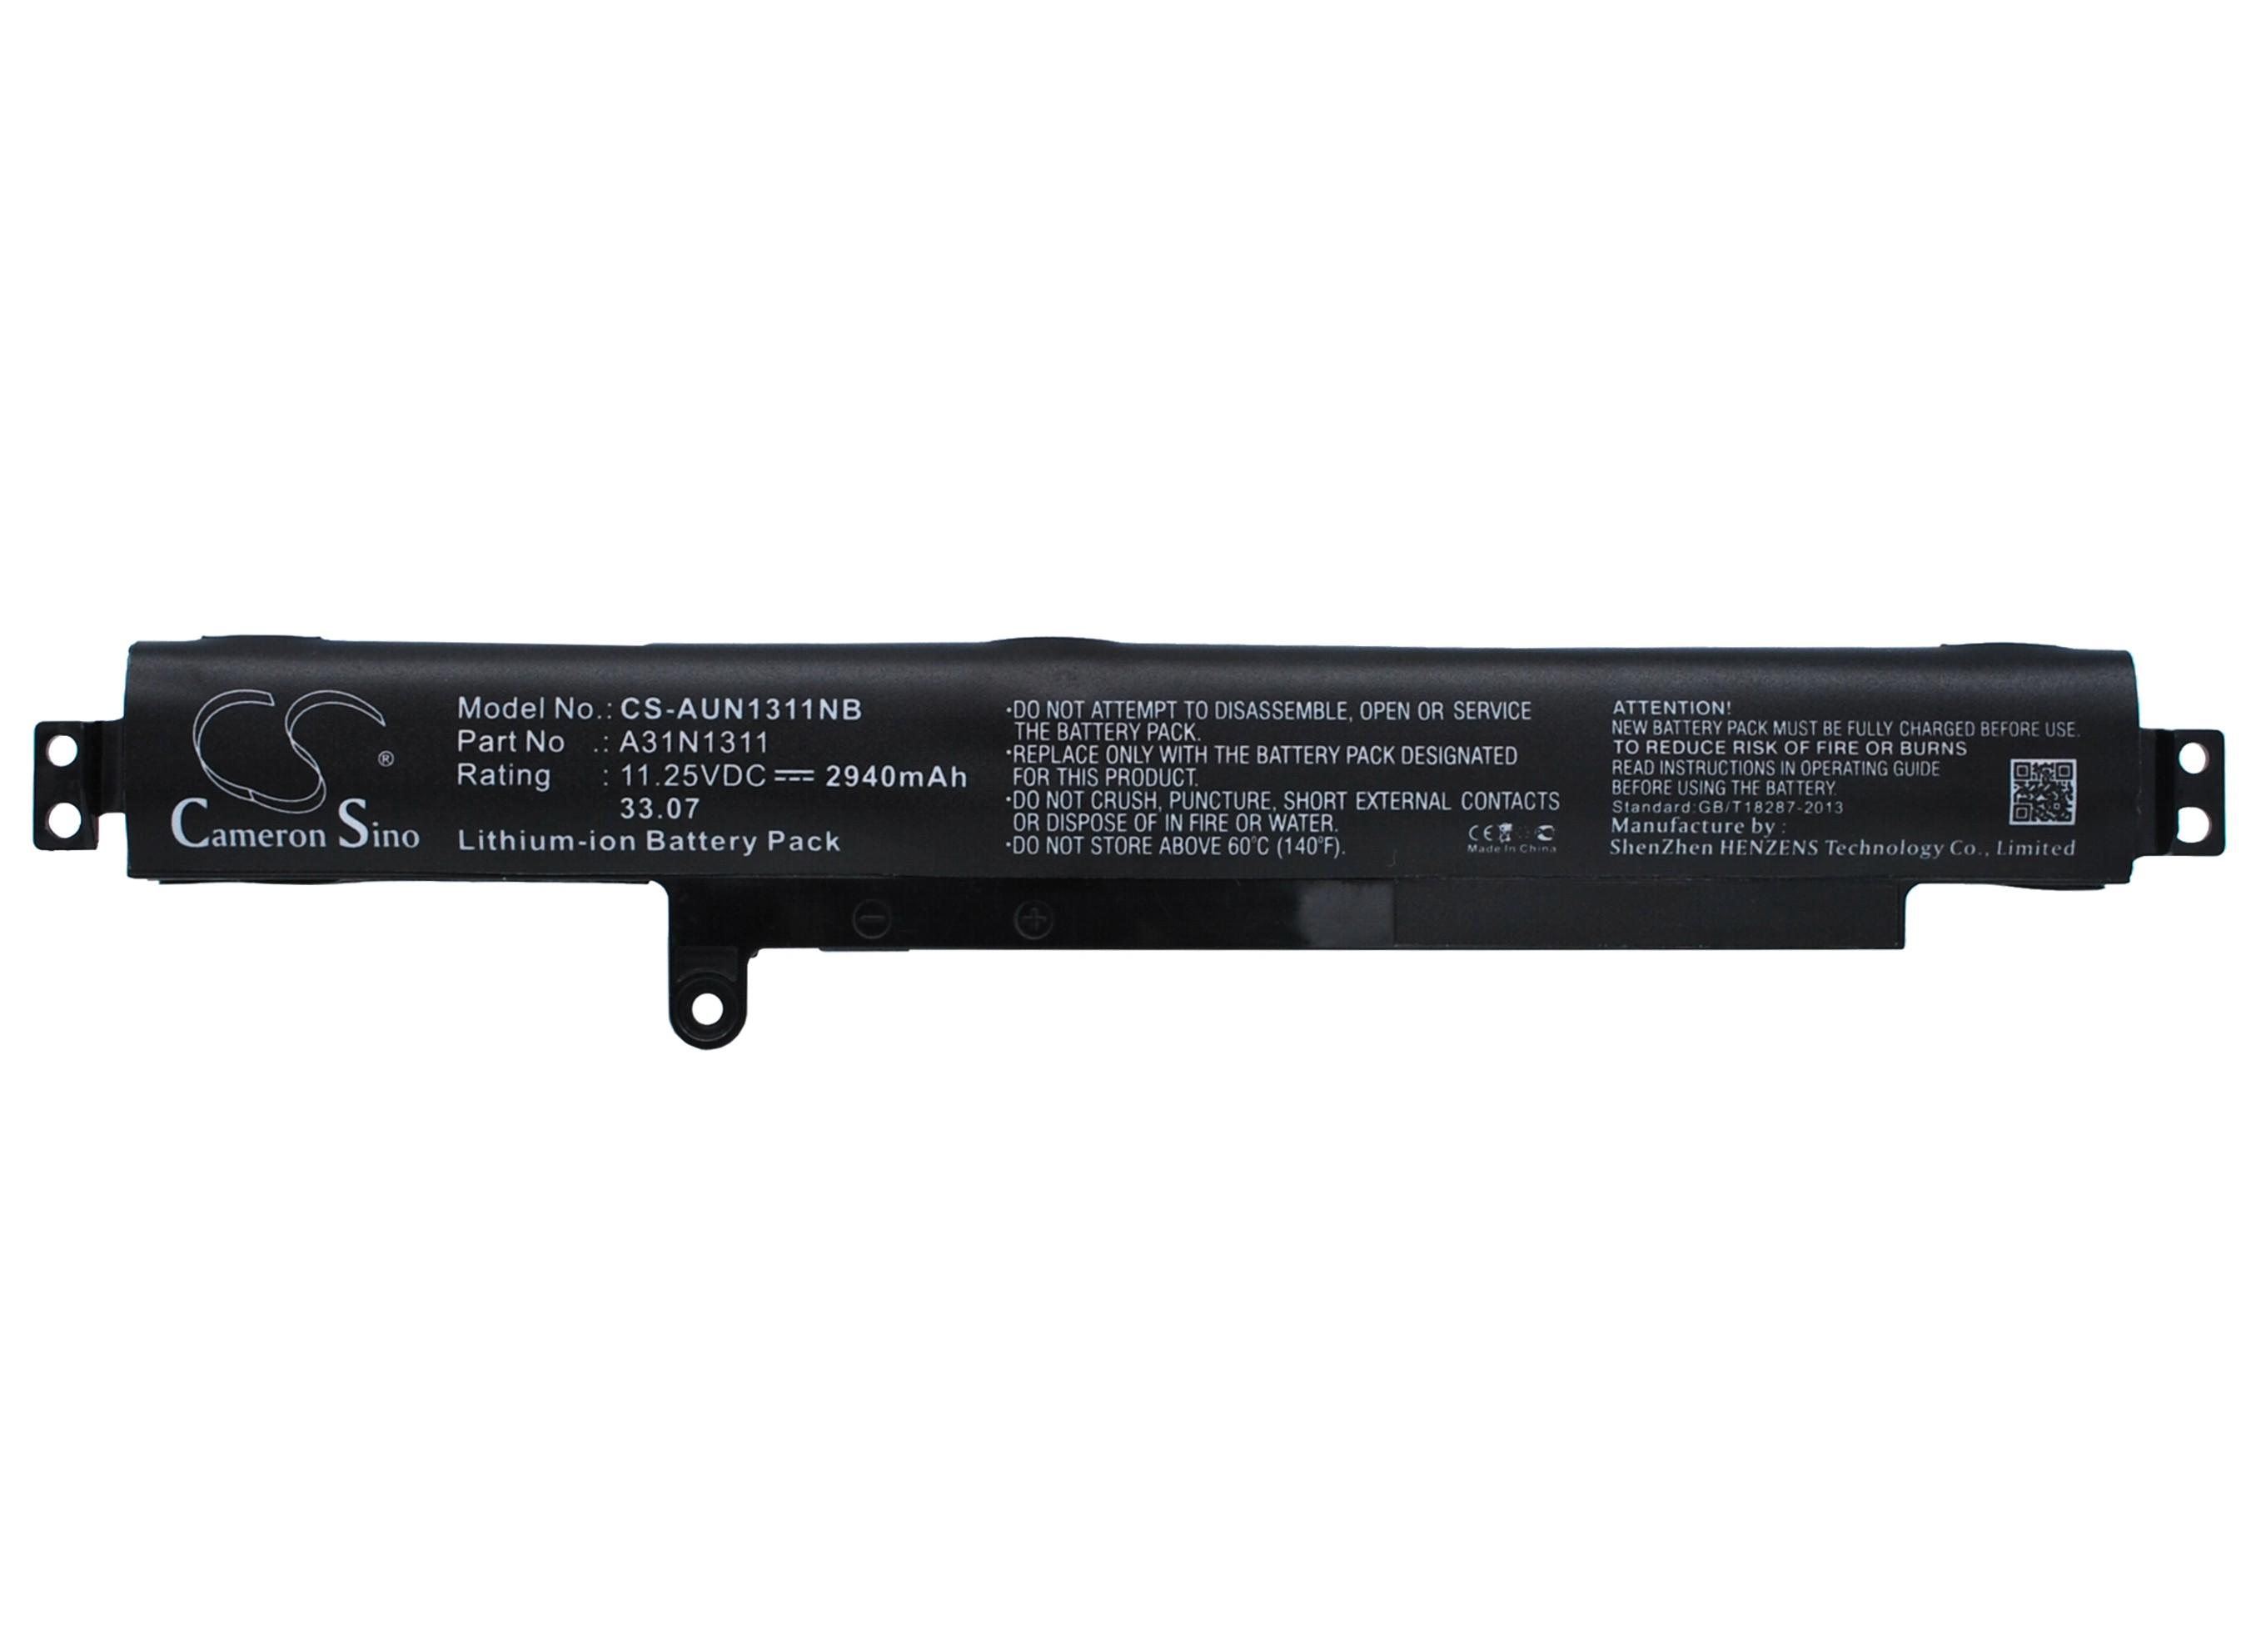 Cameron Sino baterie do notebooků pro ASUS F102BA-DF047H 11.25V Li-ion 2940mAh černá - neoriginální